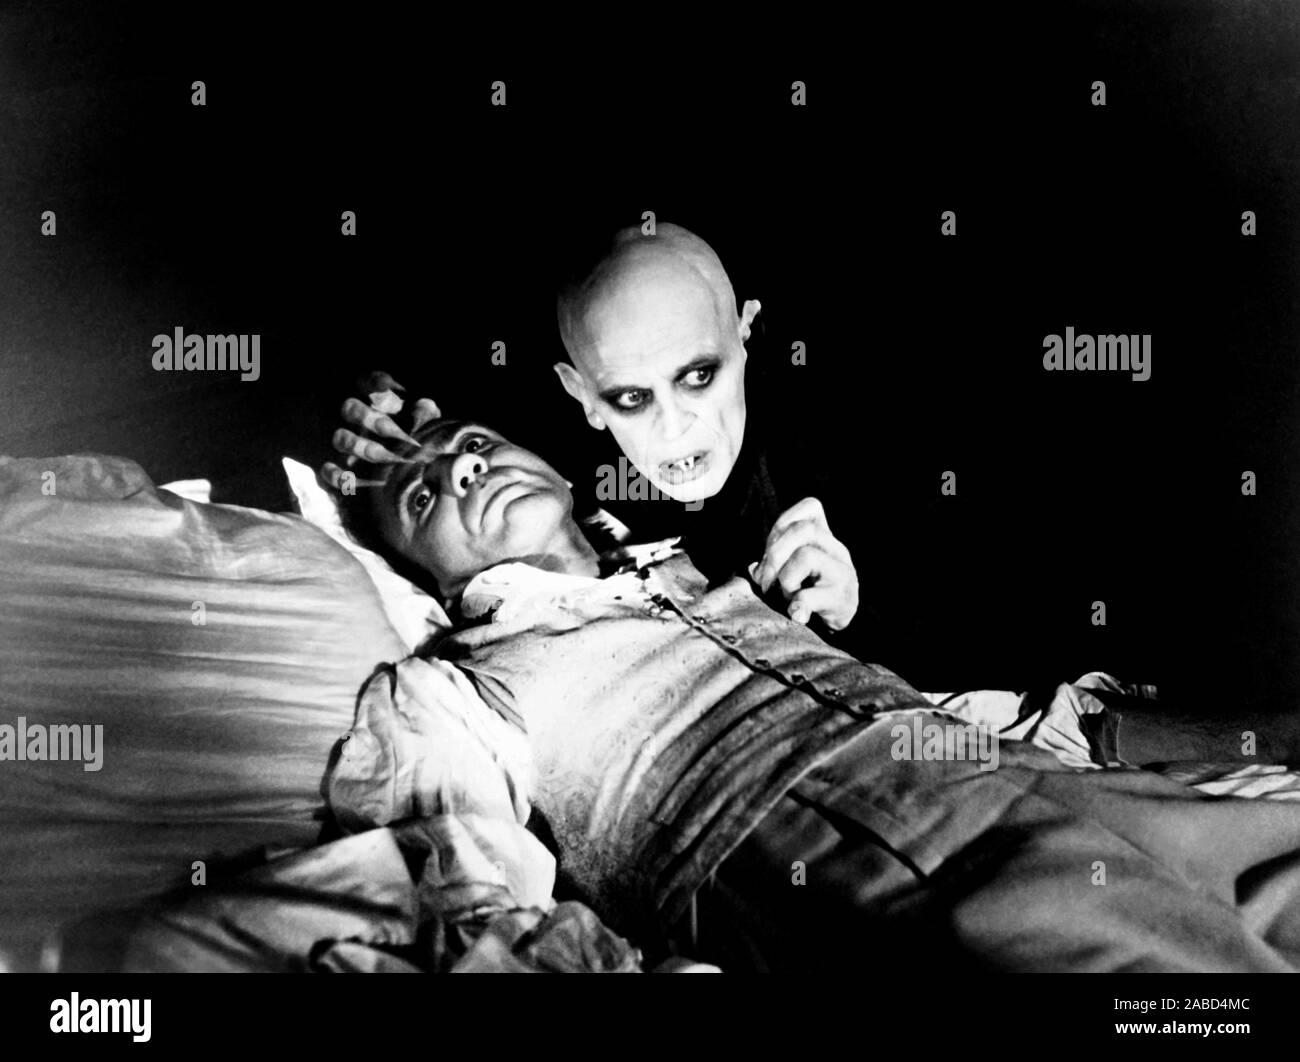 NOSFERATU EL VAMPYRE, (aka Nosferatu: Phantom der Nacht), desde la izquierda, Bruno Ganz, Klaus Kinski, 1979 TM & Copyright ©20th Century Fox Film Corp. Todos los derechos reservados/cortesía Colección Everett Foto de stock